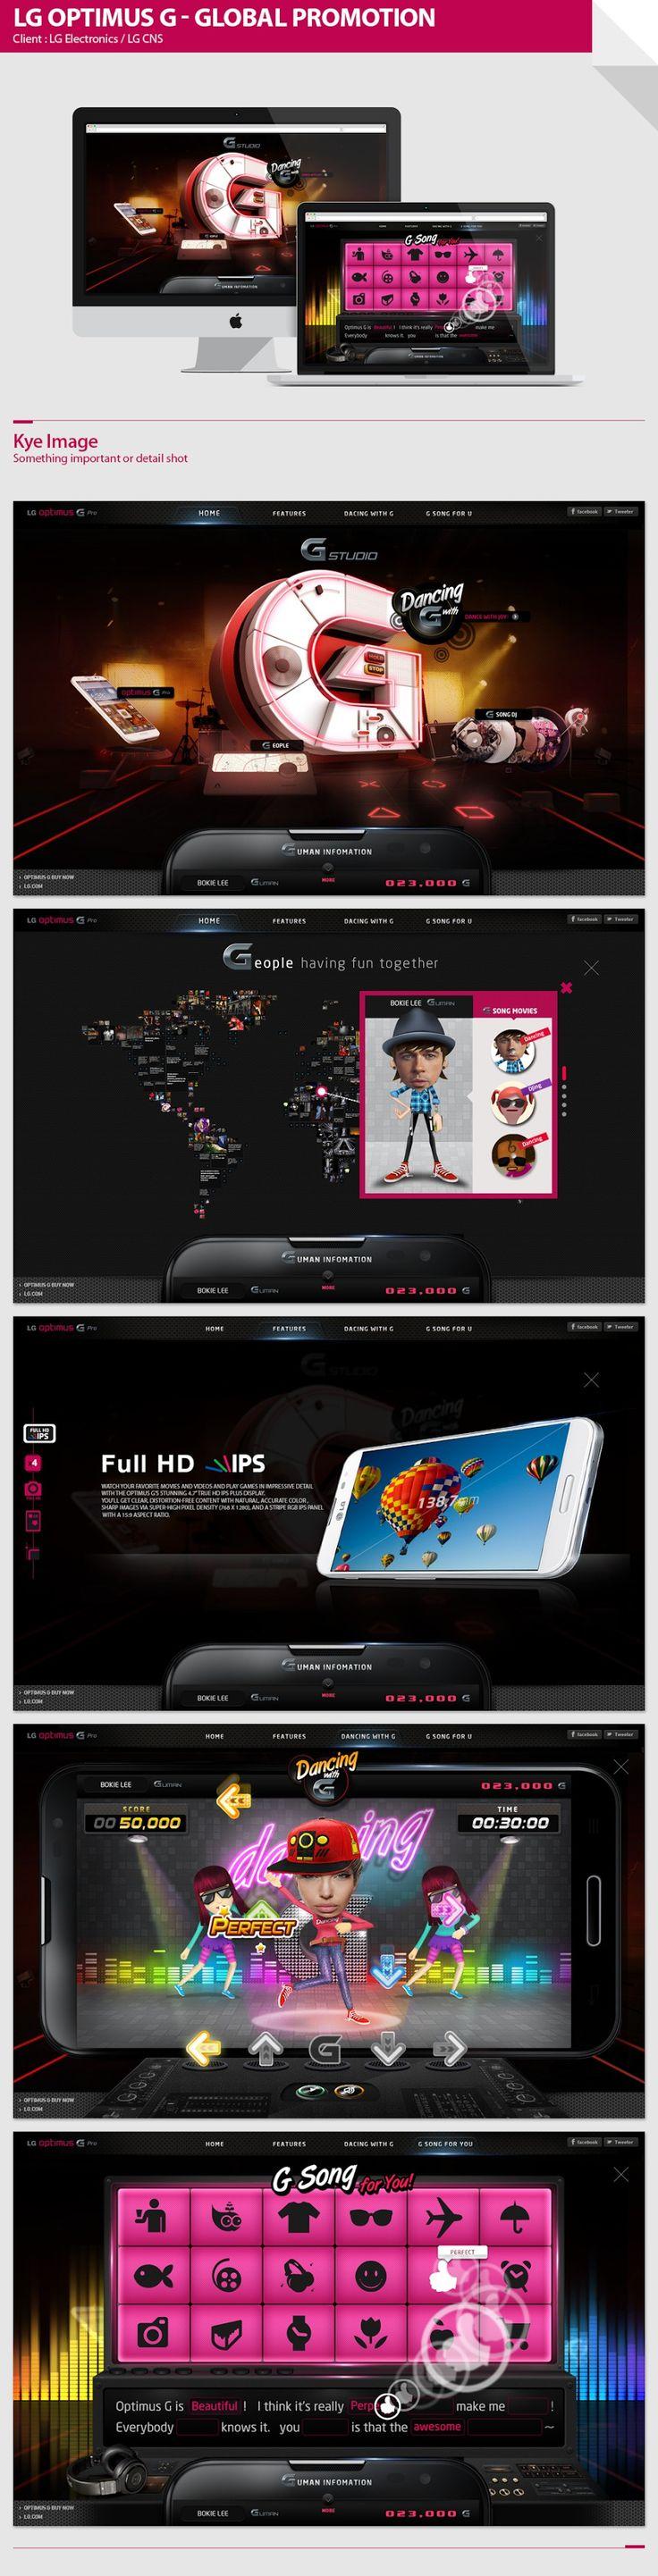 LG OPTIMUS G Promotion microsite